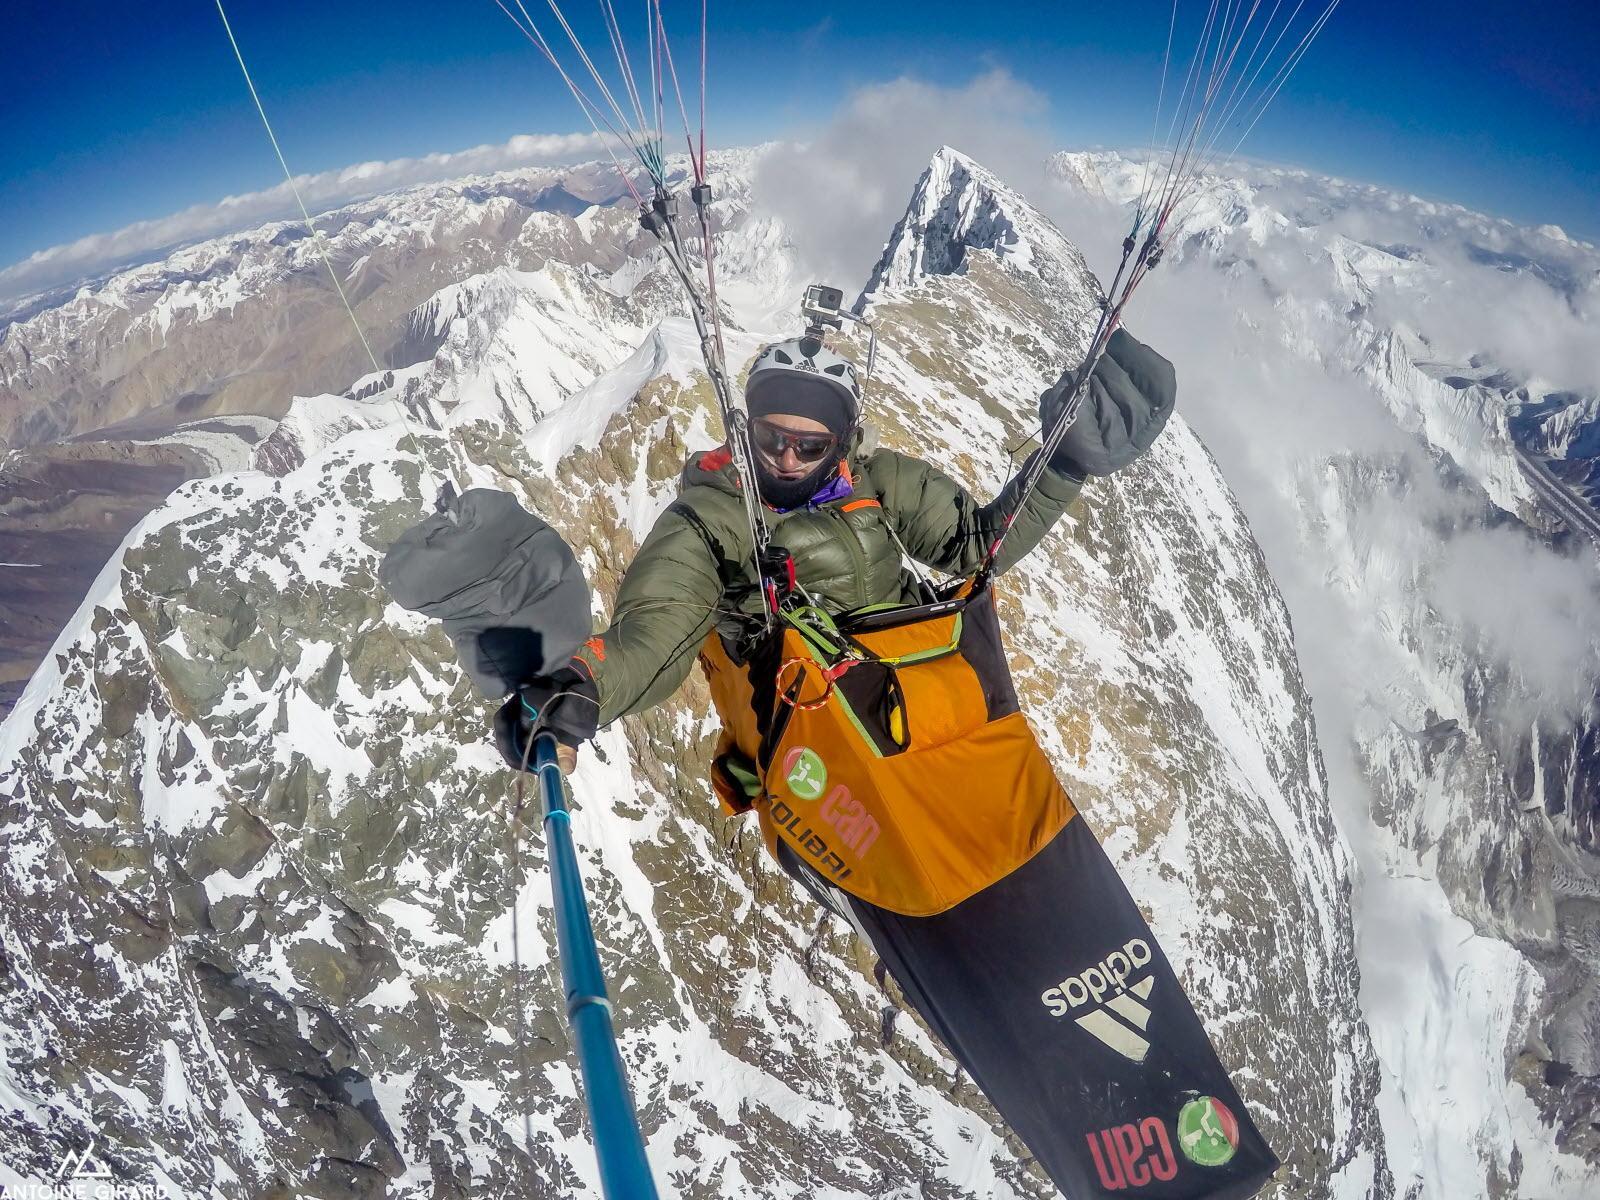 Antoine girard recordman du monde du vol le plus haut en parapente photos archives antoine girard 1626797765